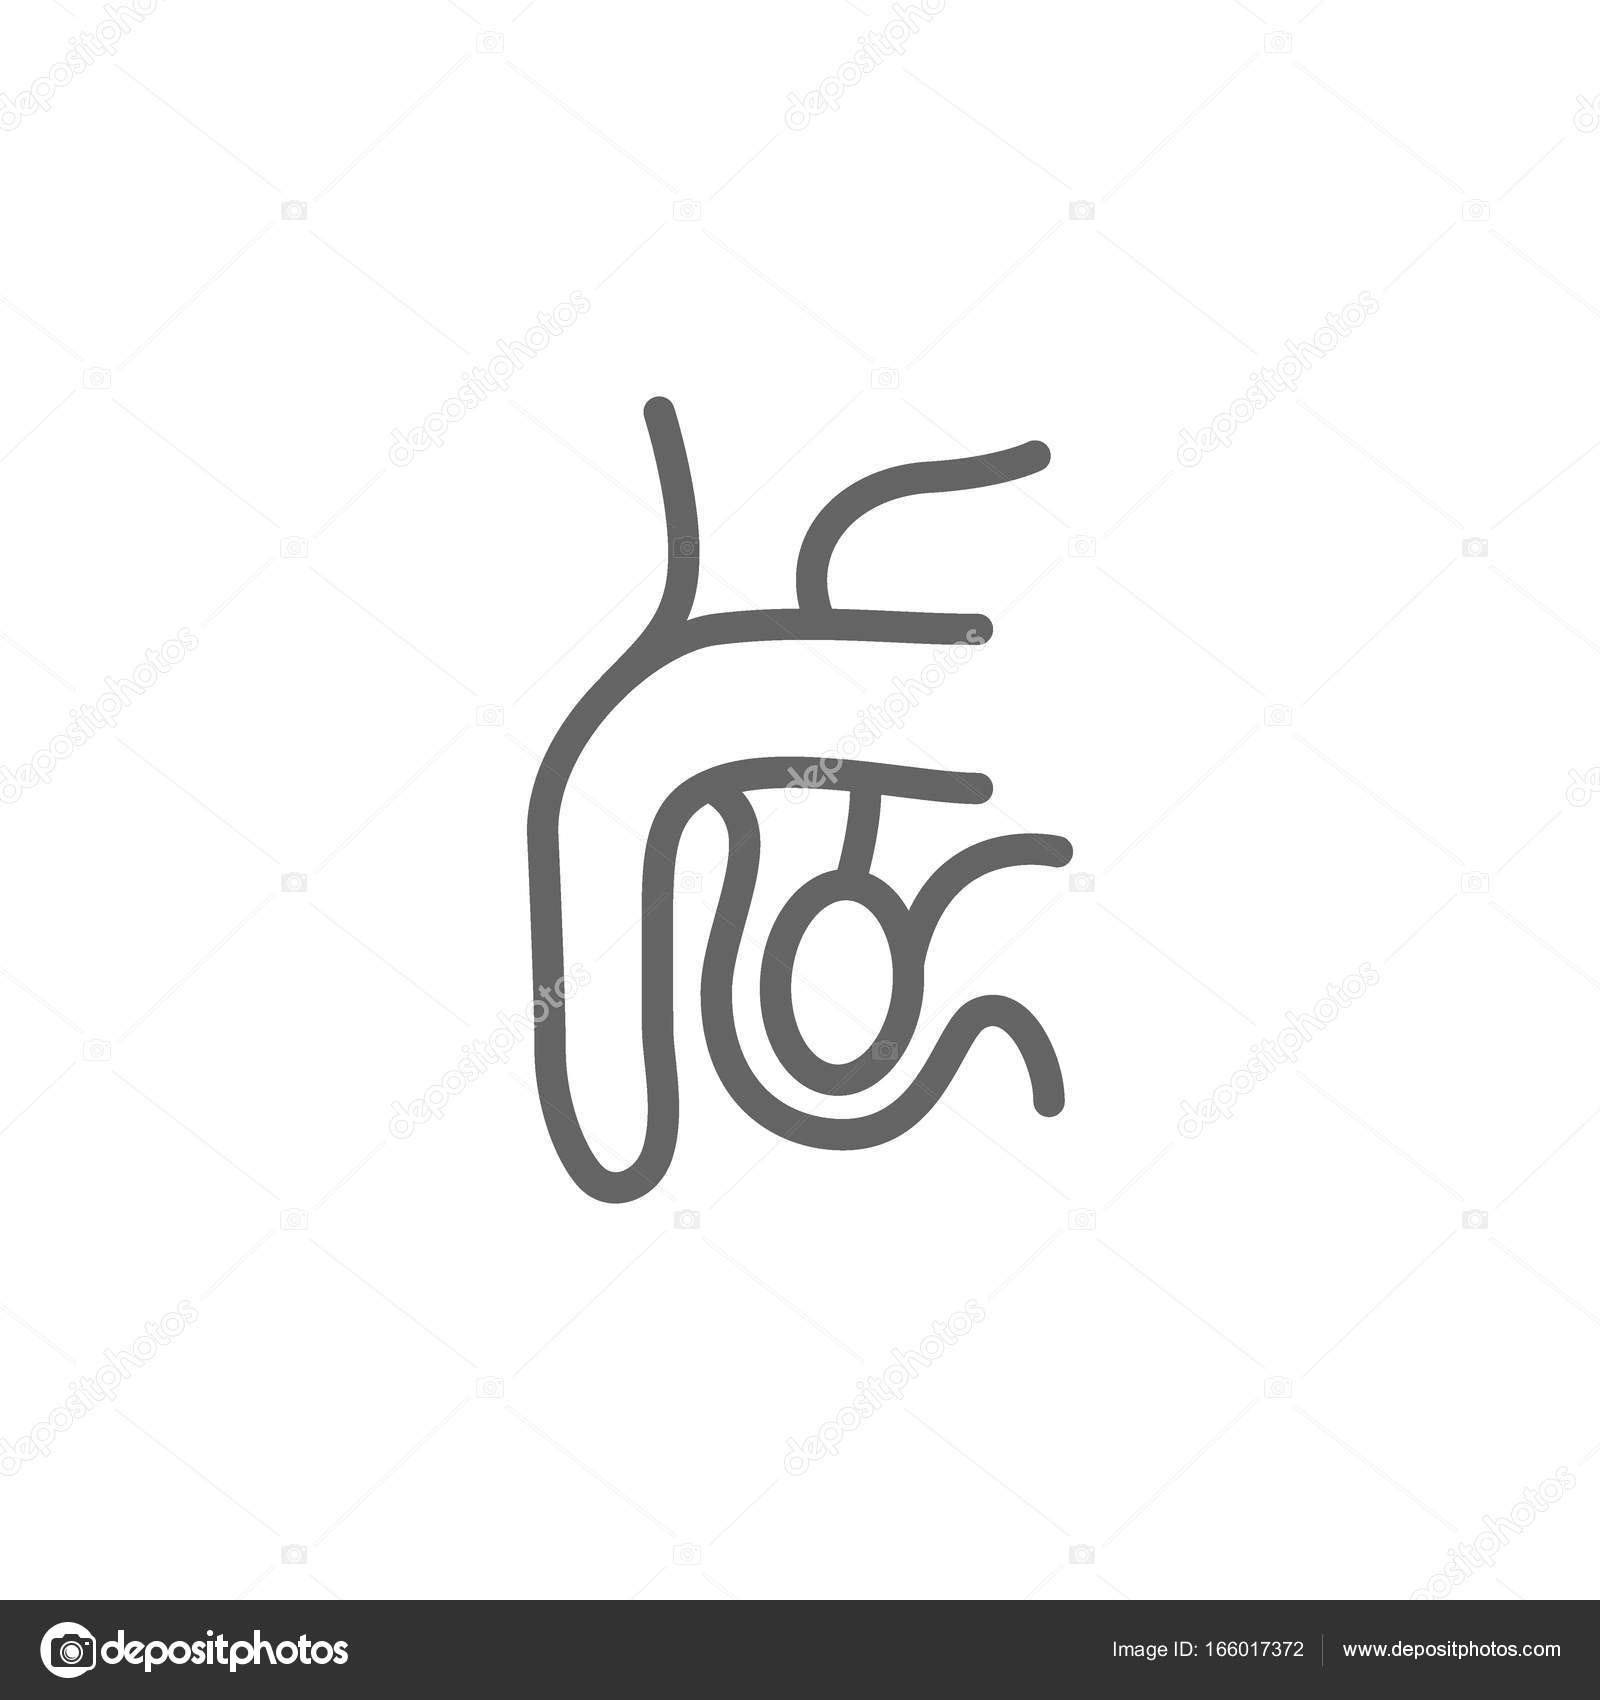 bilder av den manliga penis